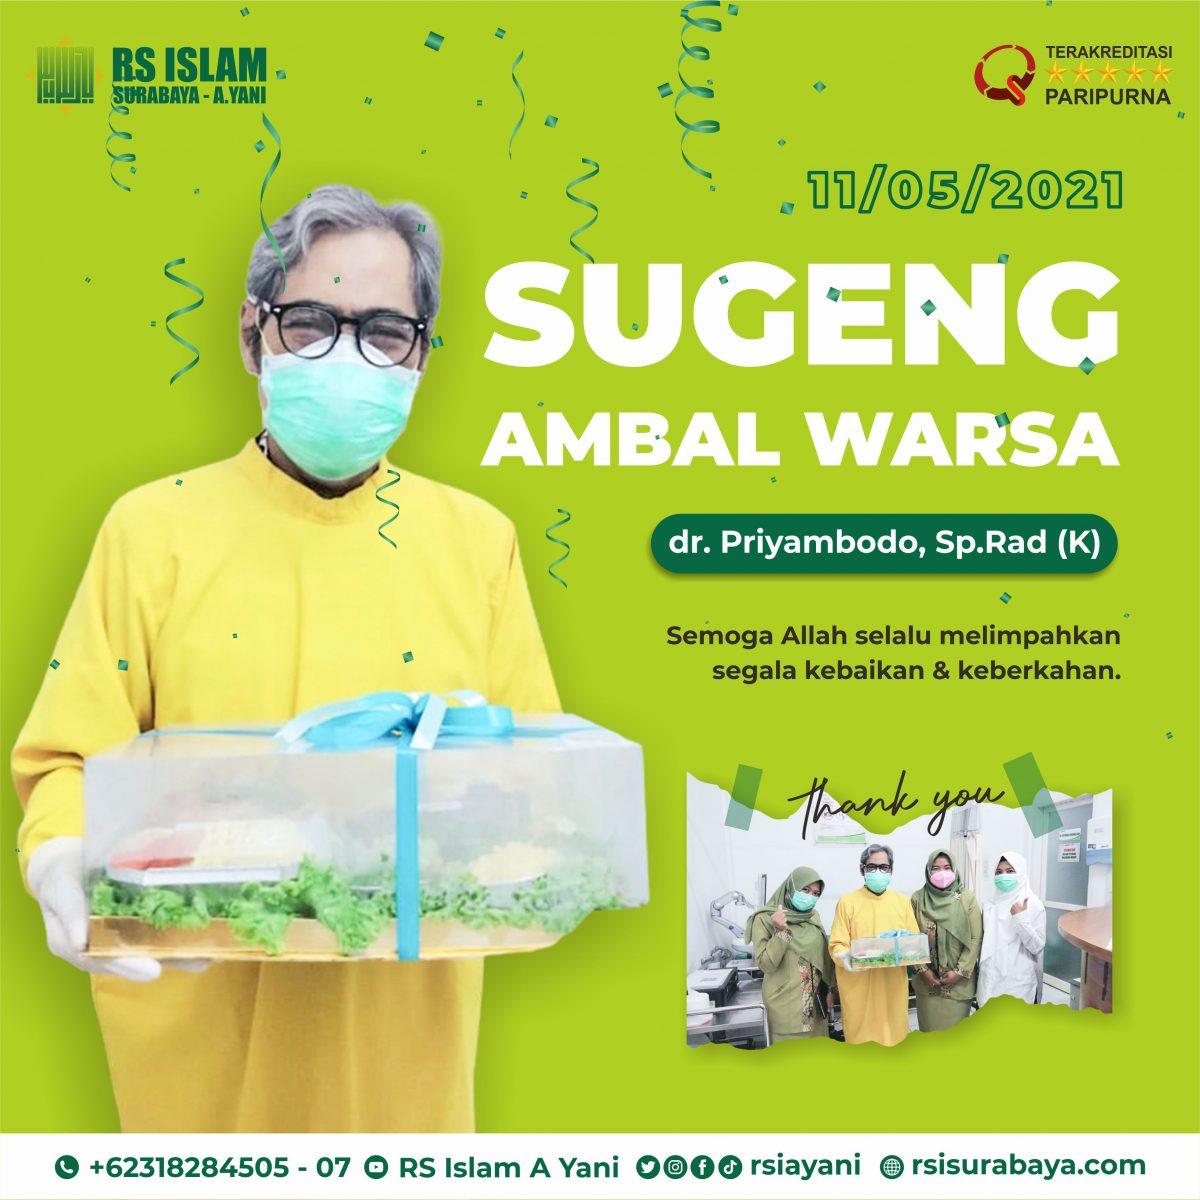 dr.-Priyambodo-Sp.Rad-K-tanggal-11-Mei-2021-1200x1200.jpg